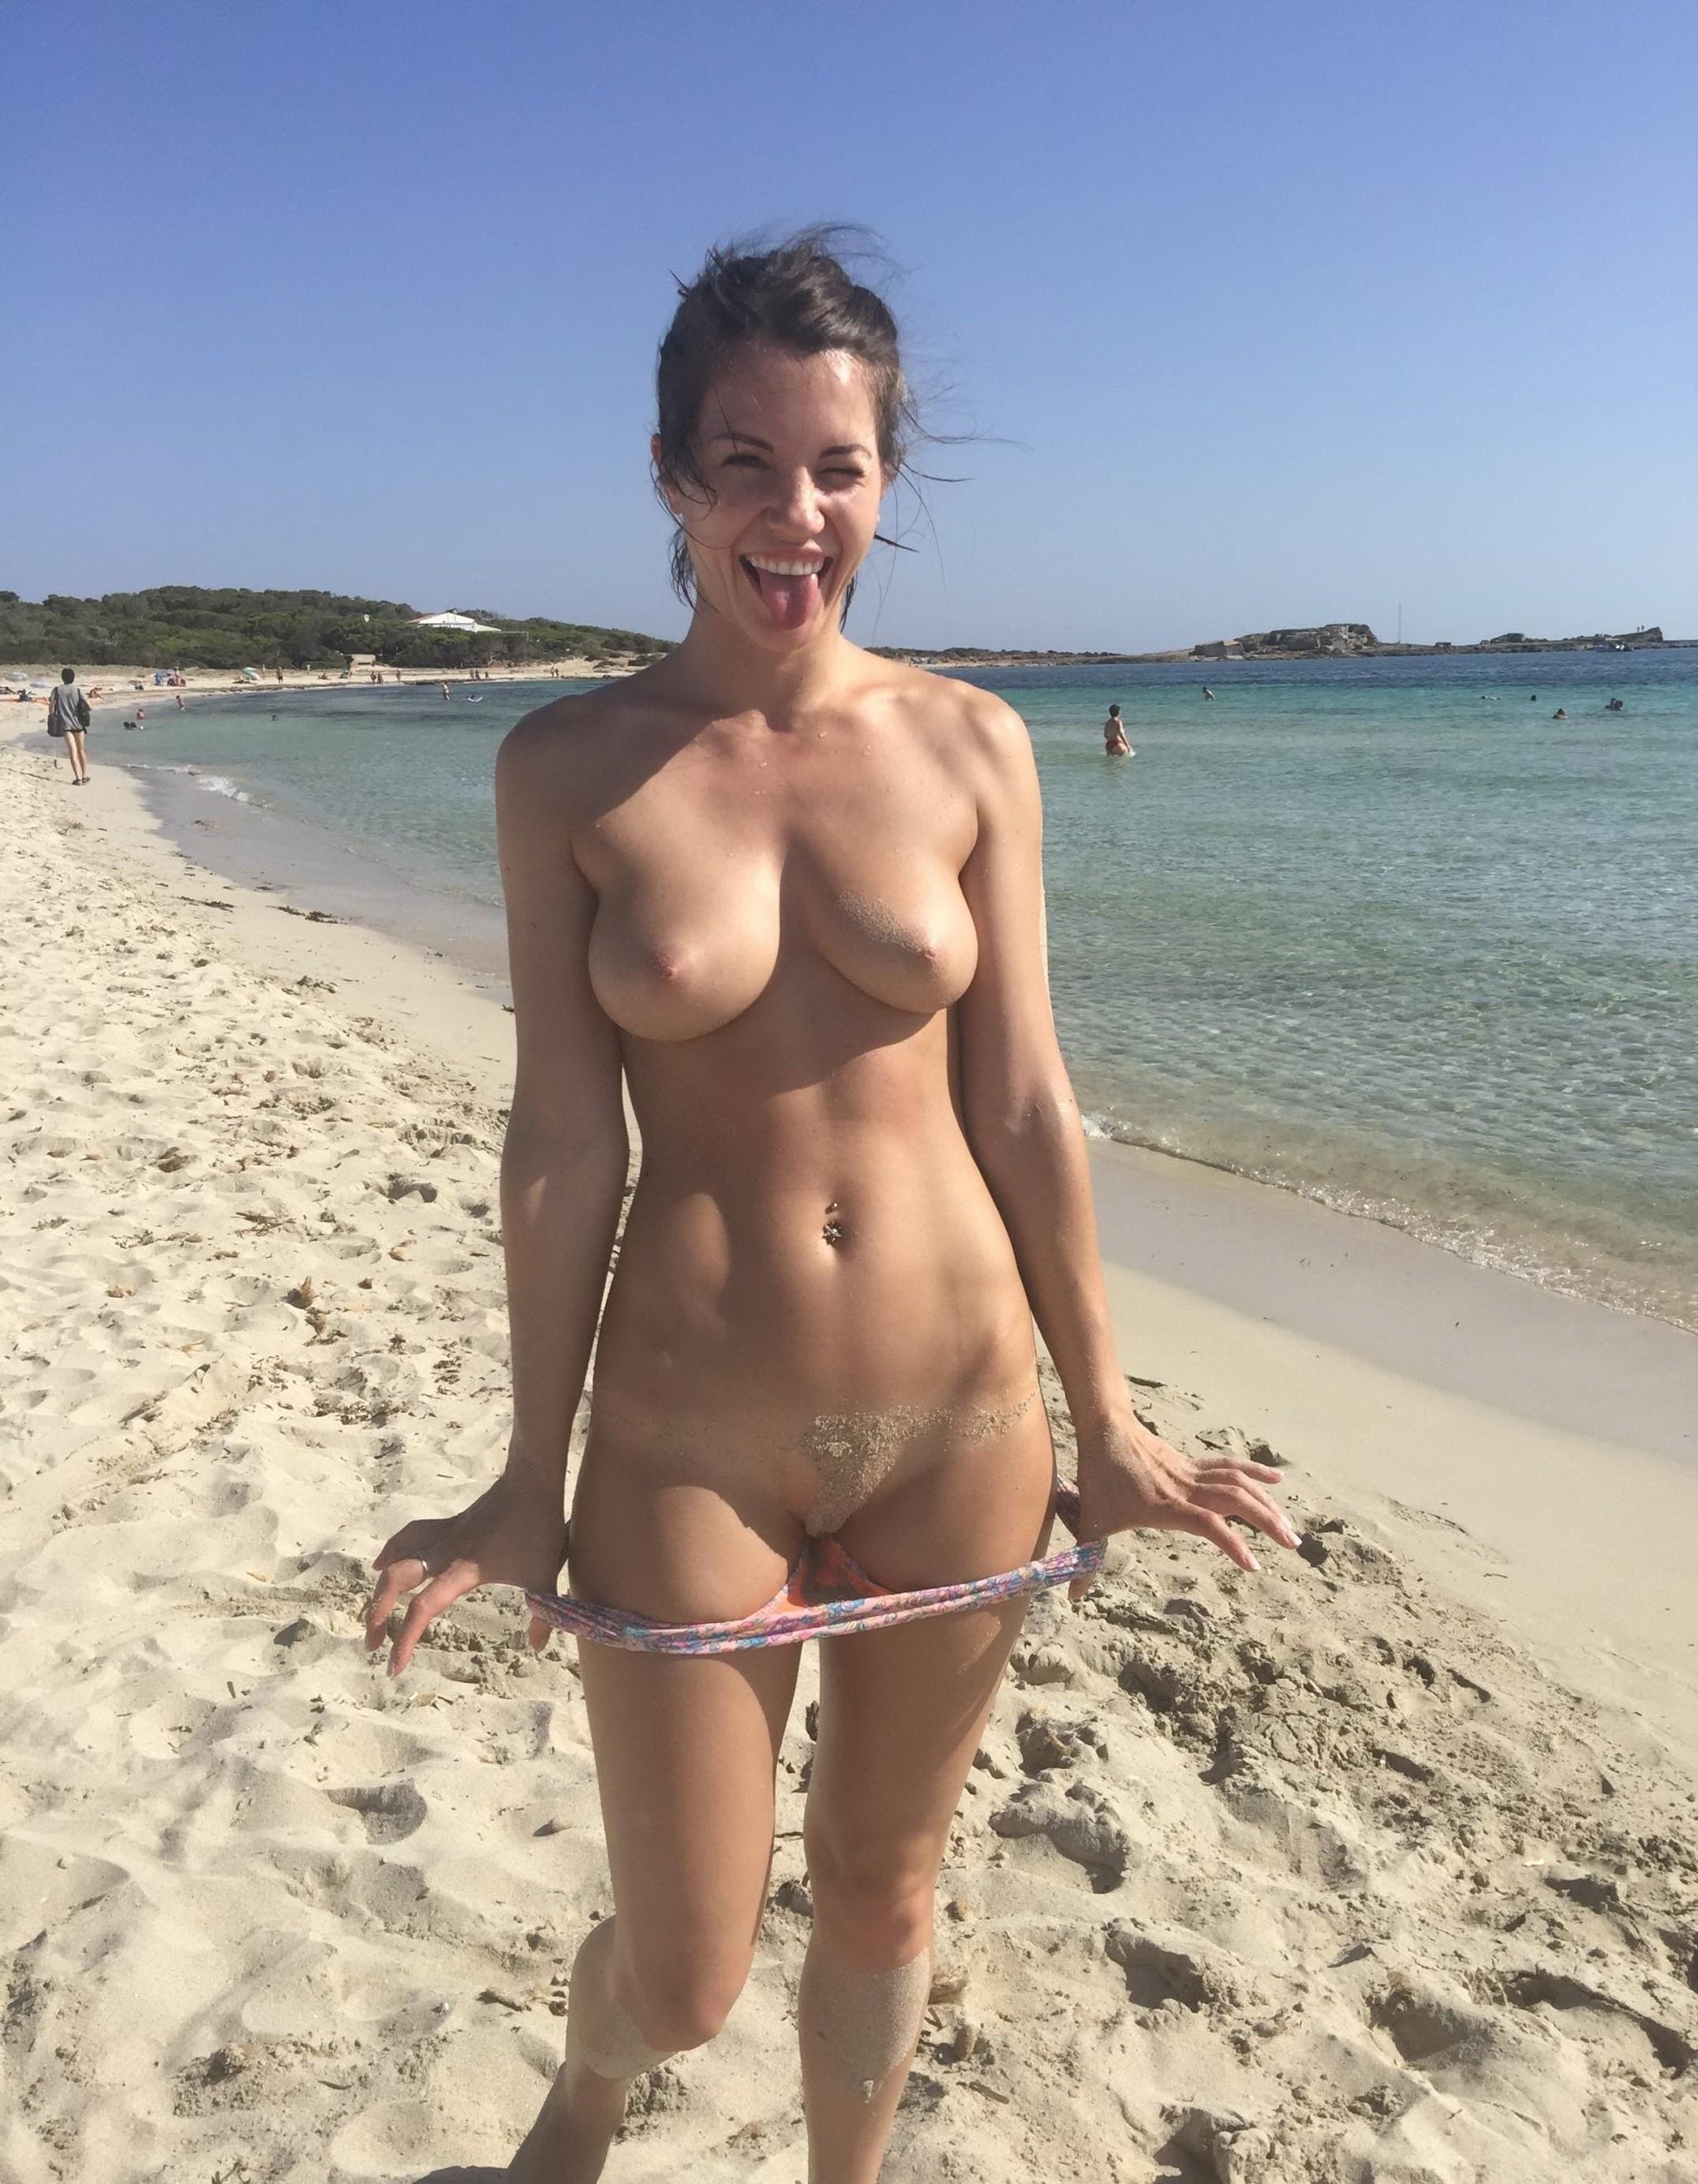 nudists-girls-boobs-beach-topless-mix-vol7-04